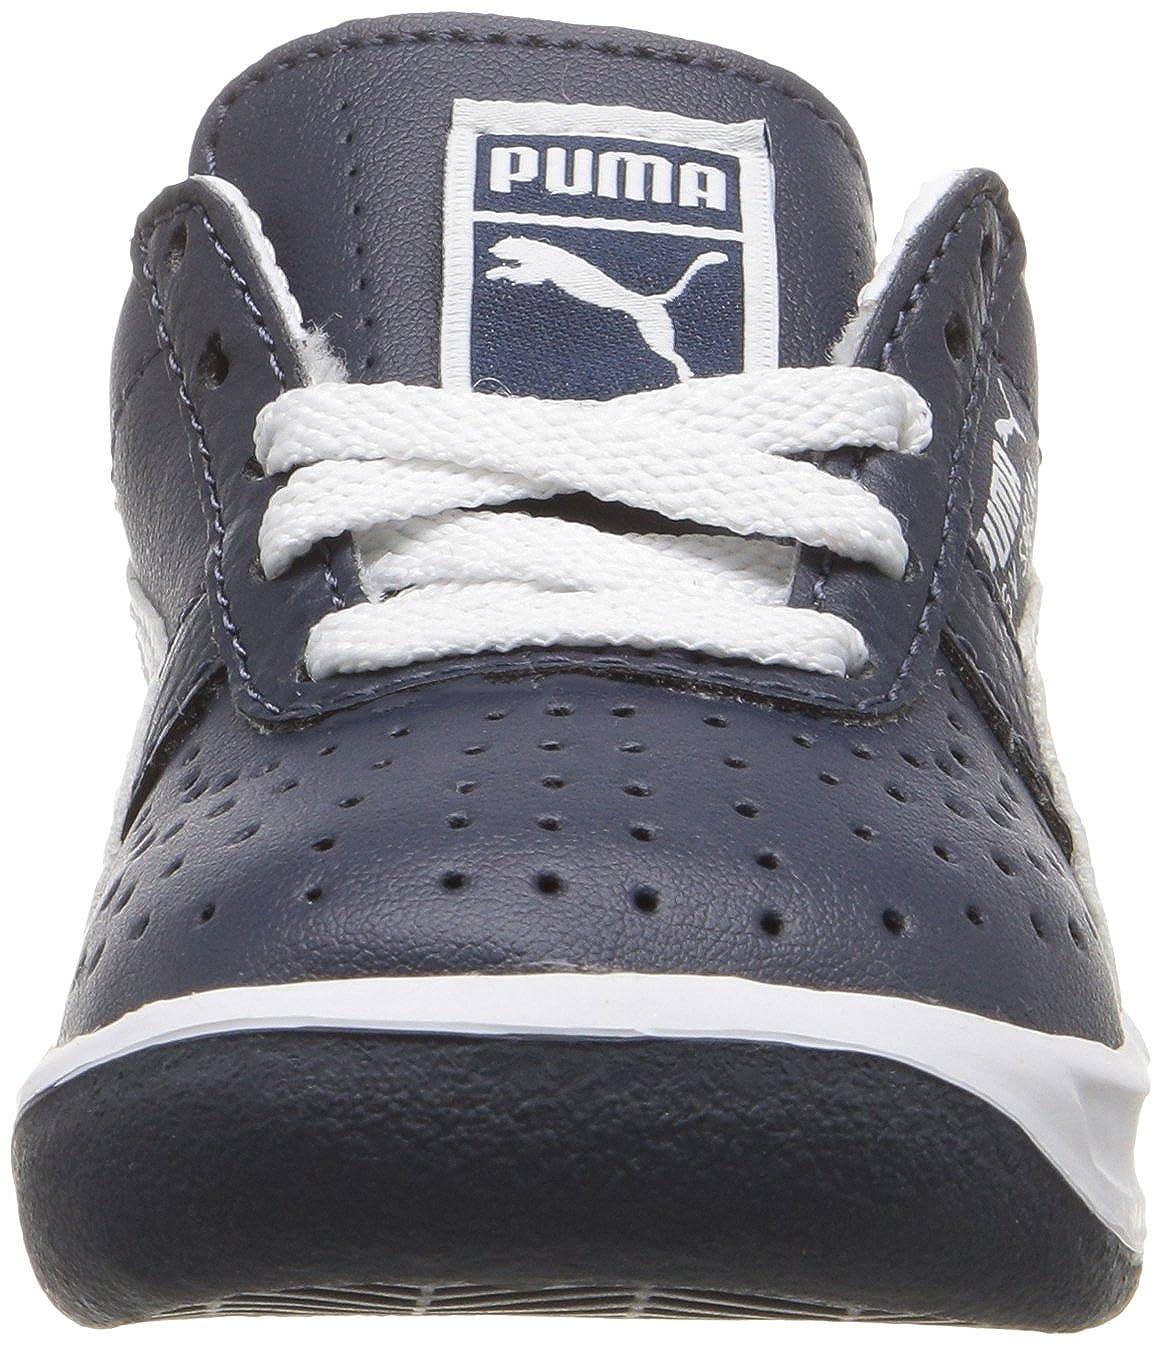 Puma GV Sonder Junior Turnschuhe B00B5I0BLO Neutral- und und und Straenlaufschuhe Saisonaler heißer Verkauf dbef15